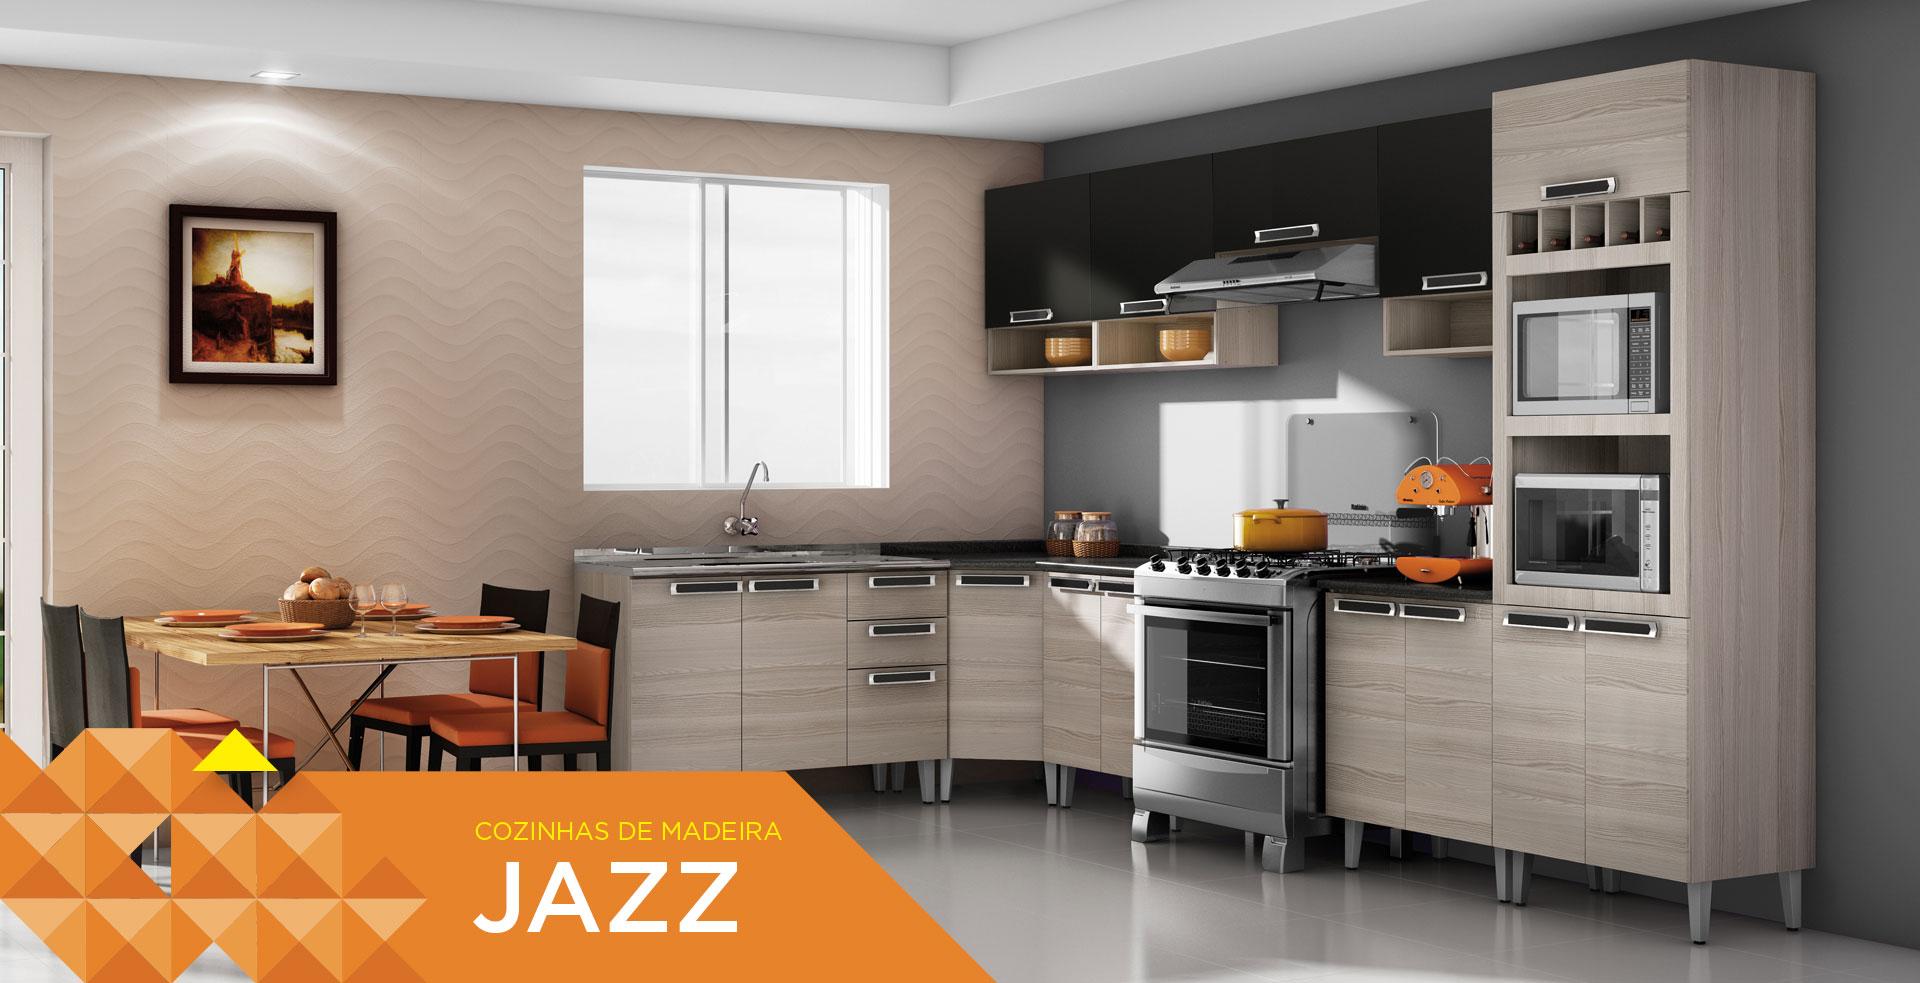 Fotos Cozinhas De Madeira Jazz Cozinhas Itatiaia #C2A509 1920x983